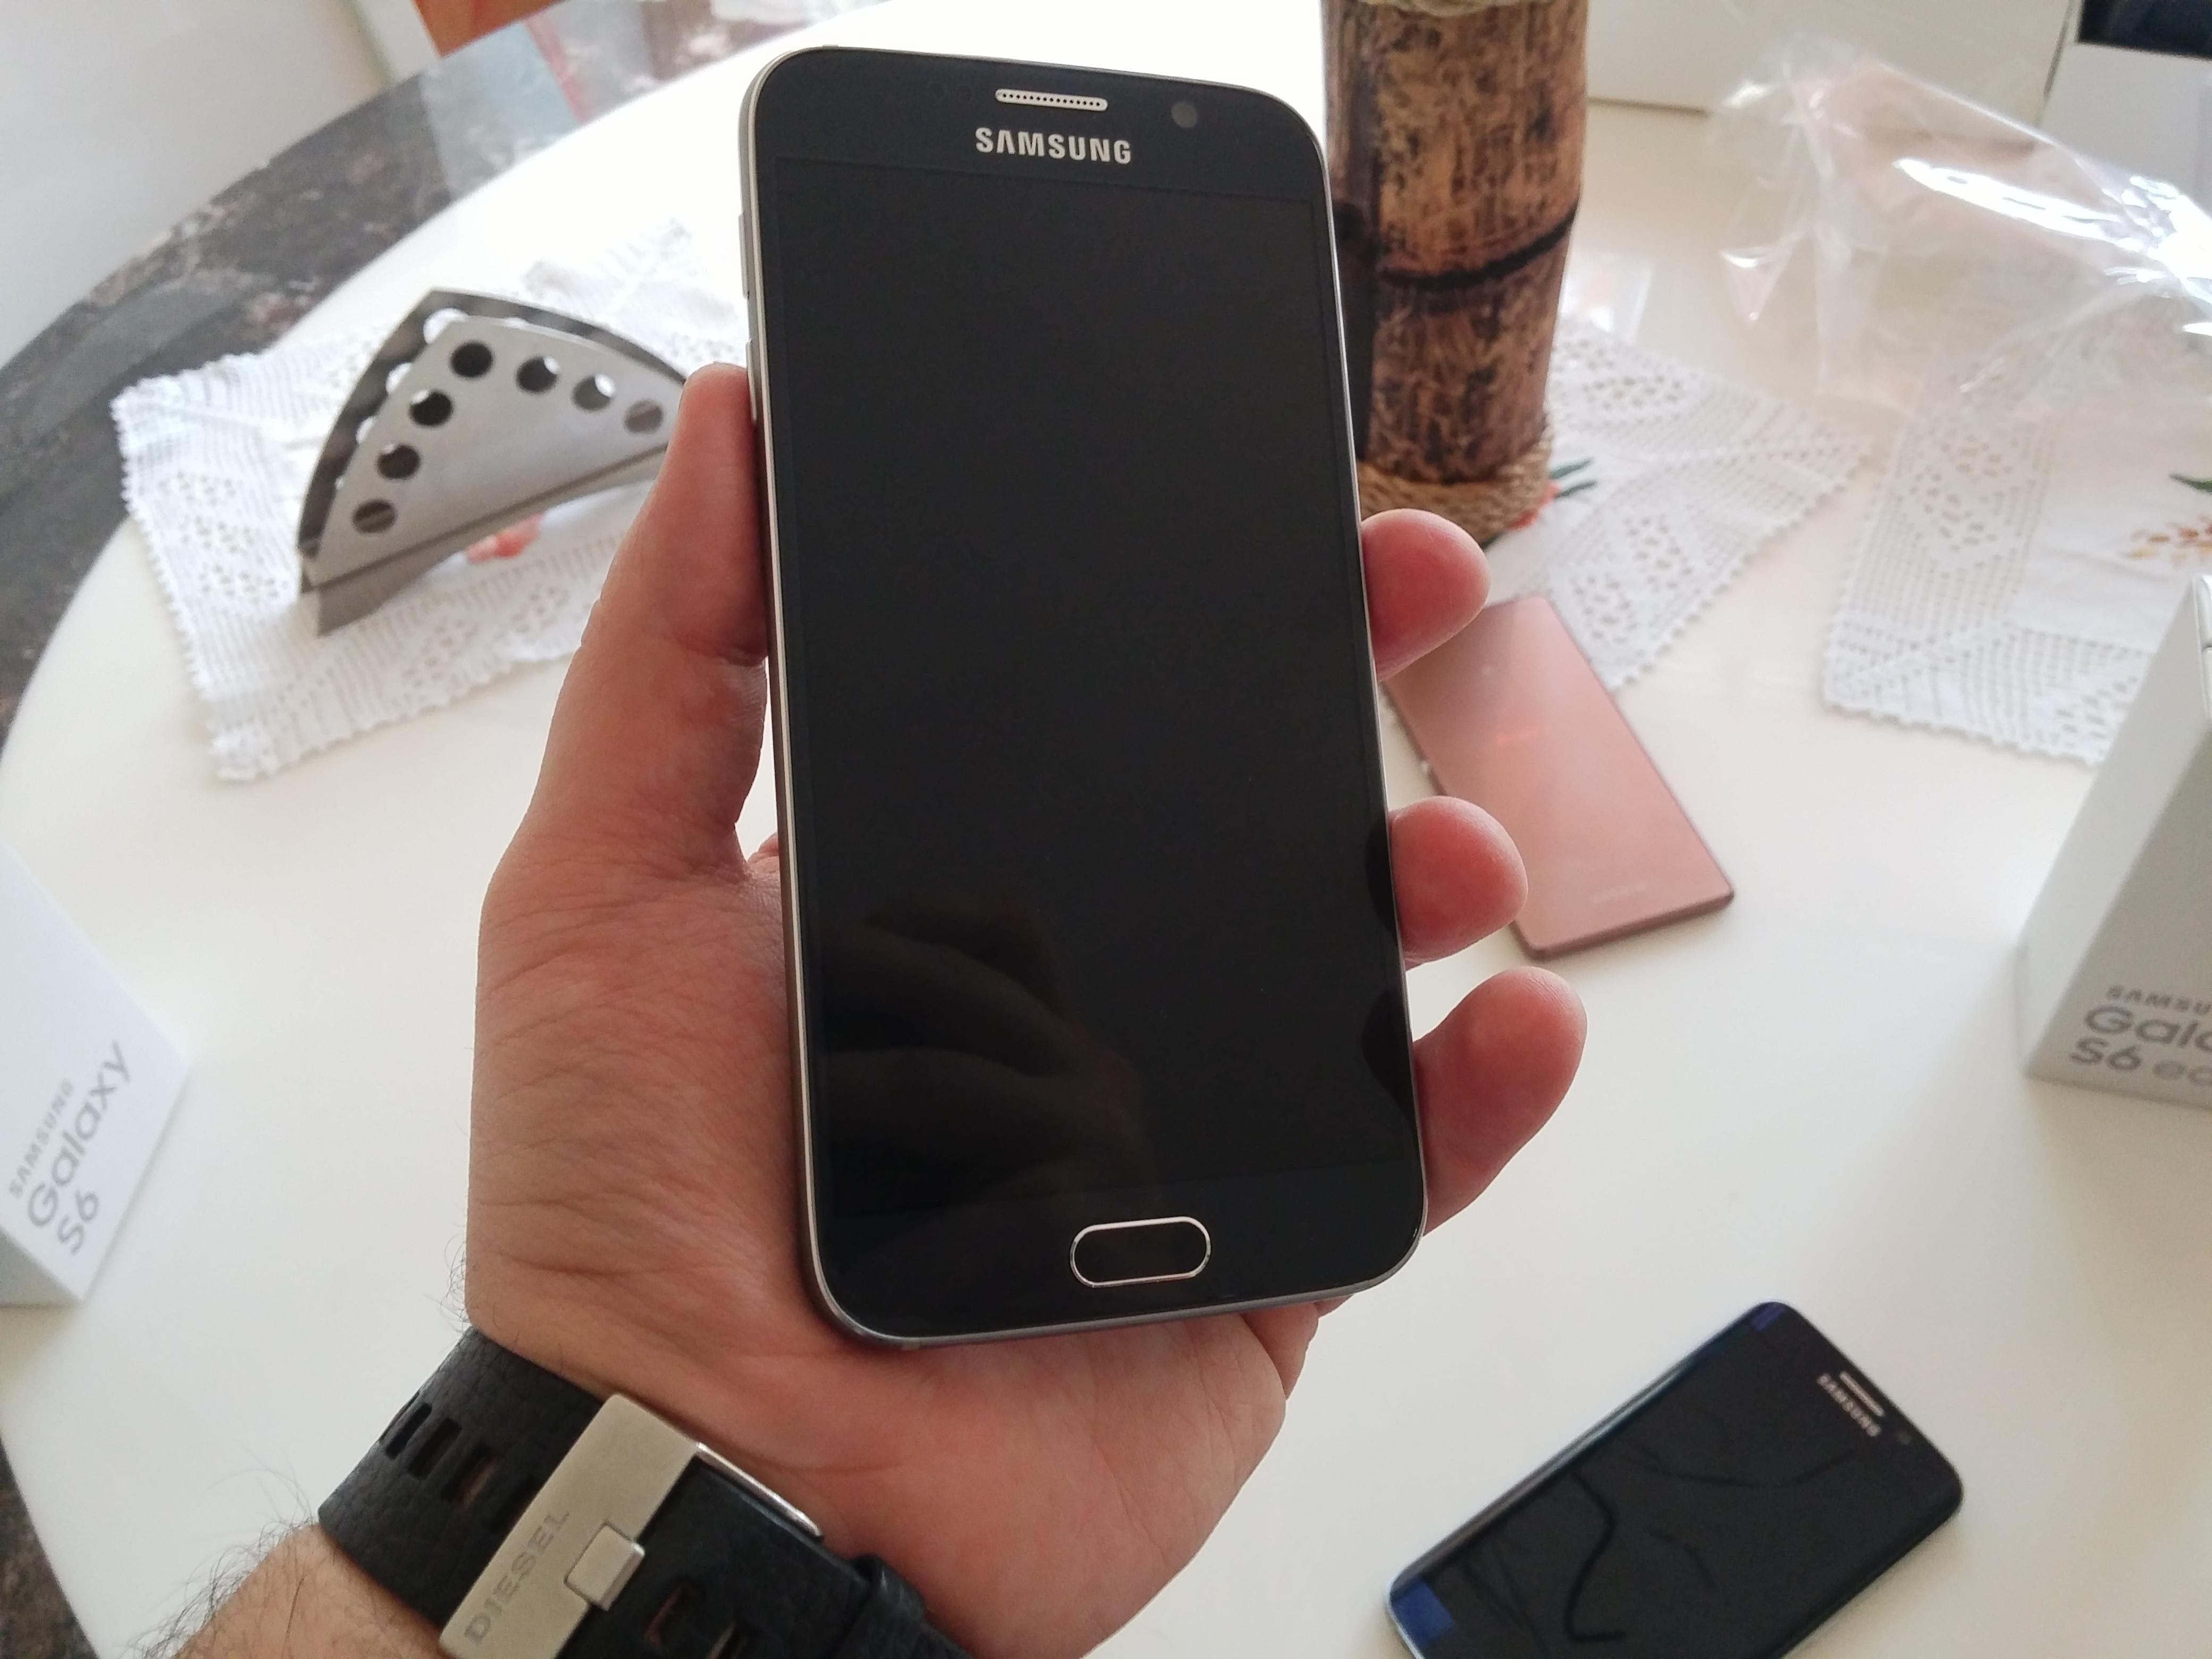 Samsung Galaxy S6 ab 550 Euro erhältlich